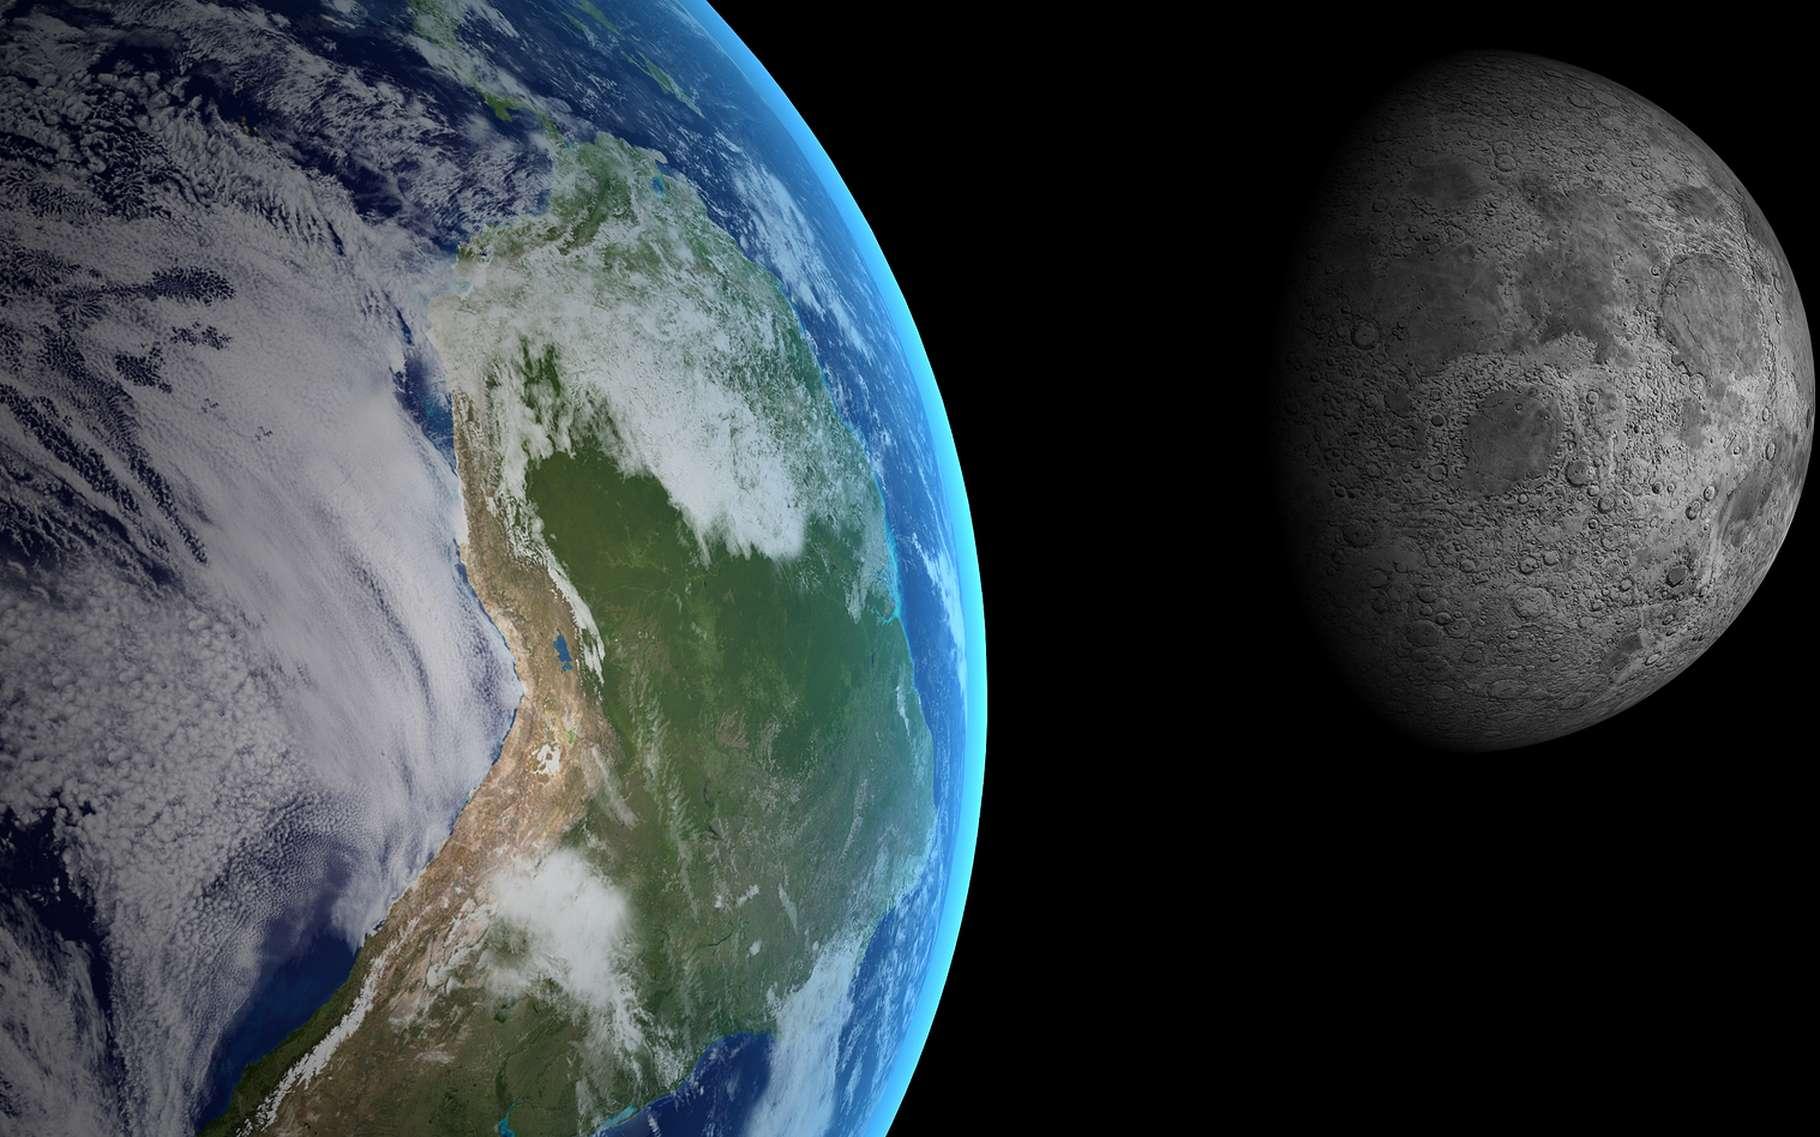 Isaac Newton suggéra que la force qui nous retient au sol est la même que celle retenant la Lune autour de la Terre. Il découvrit la loi de la gravitation. © mr.Timmi, Shutterstock